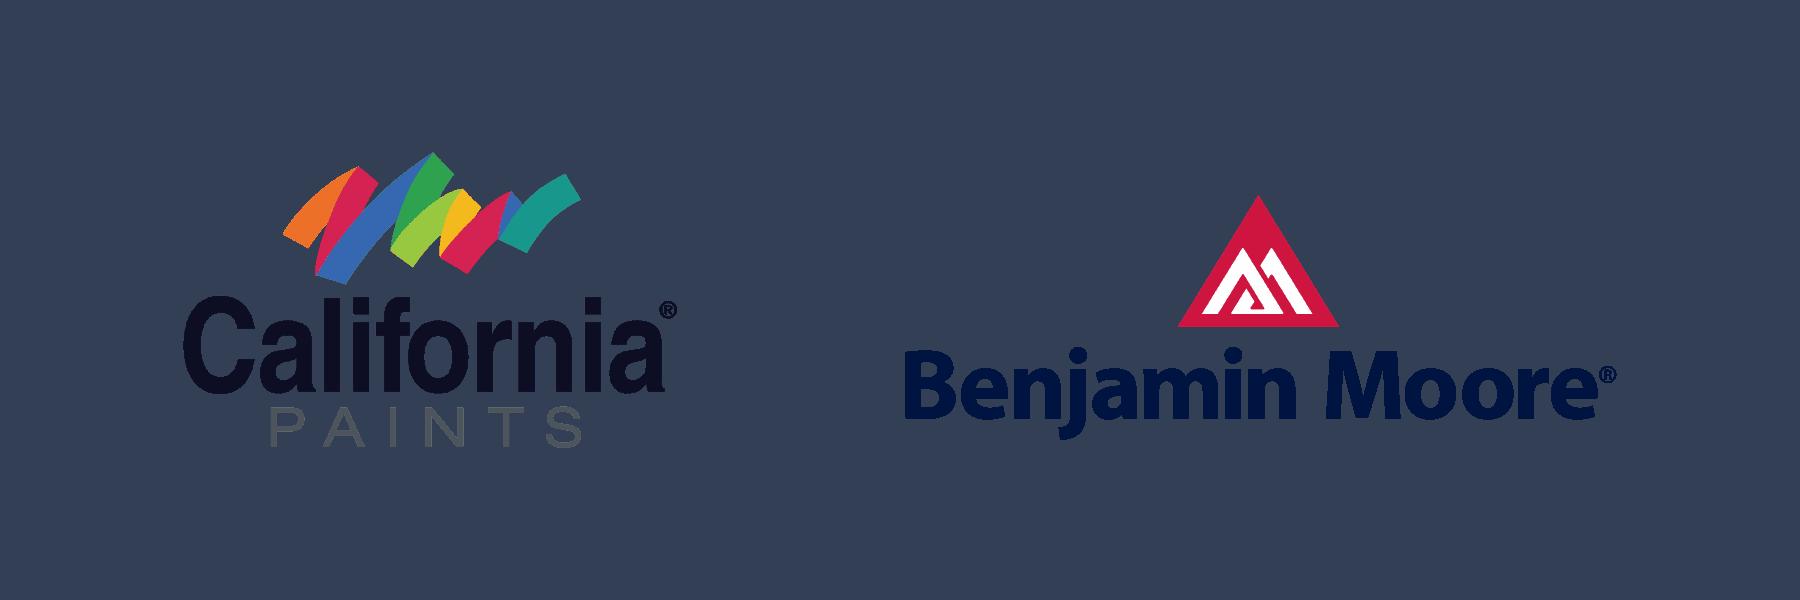 california paints and benjamin moore logos